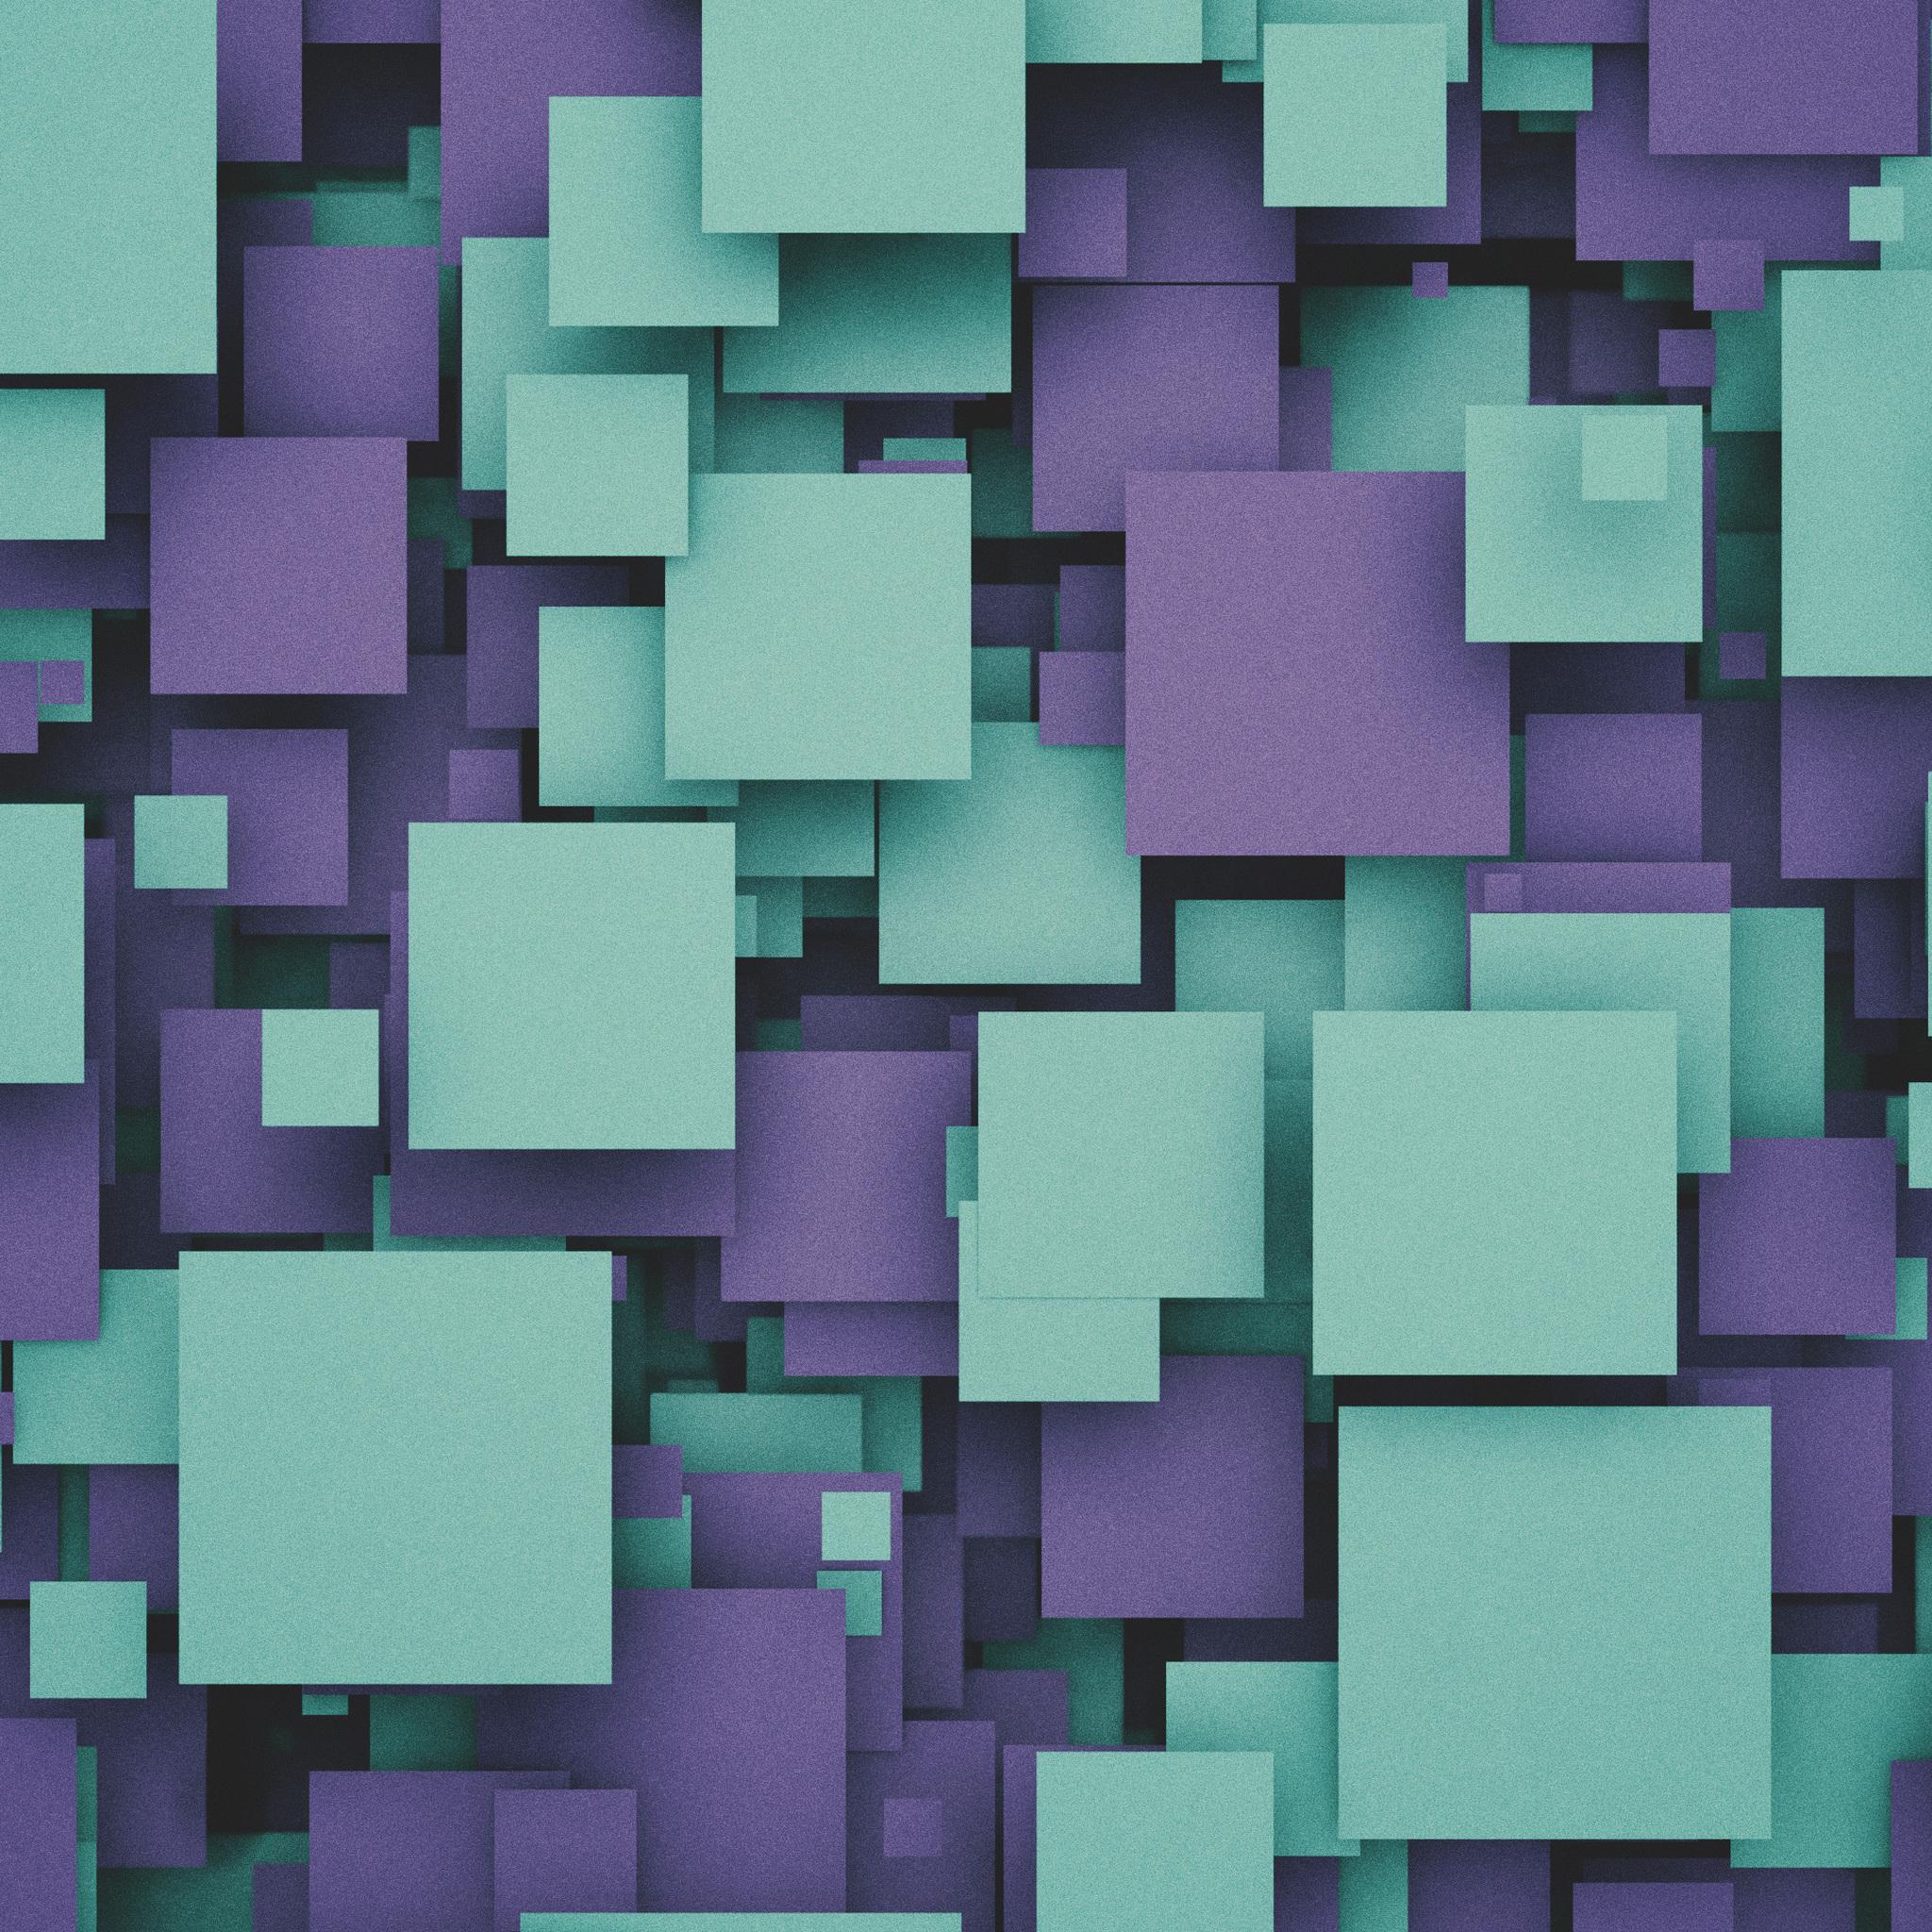 3d-digital-art-cubes-4k-xq.jpg